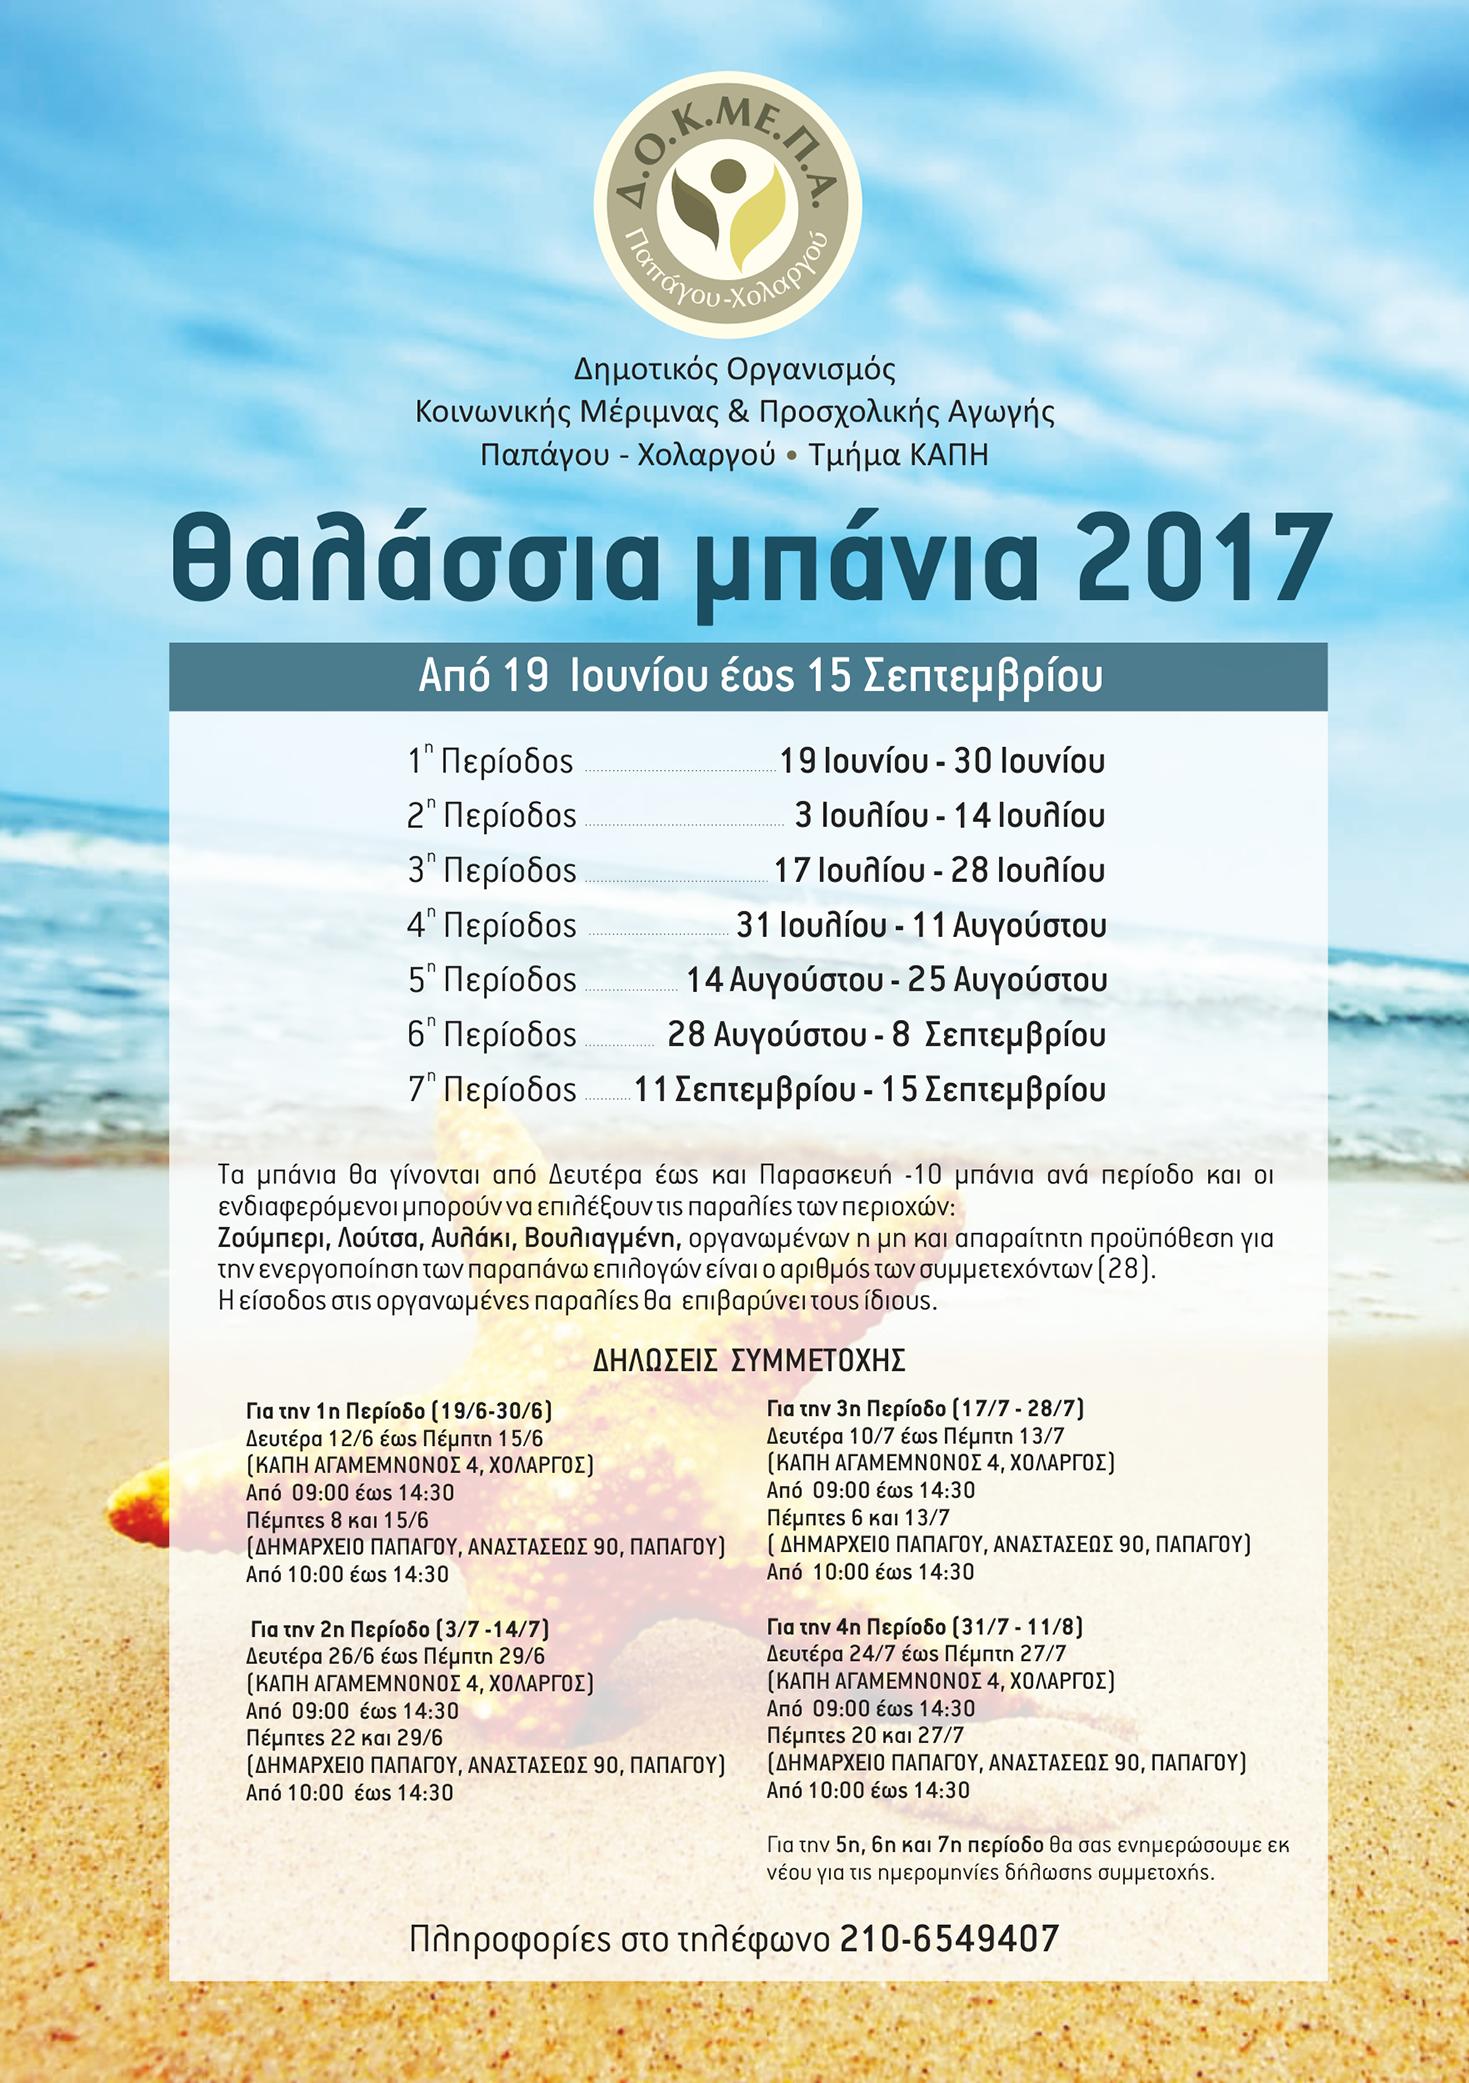 ΘΑΛΑΣΣΙΑ ΜΠΑΝΙΑ 2017